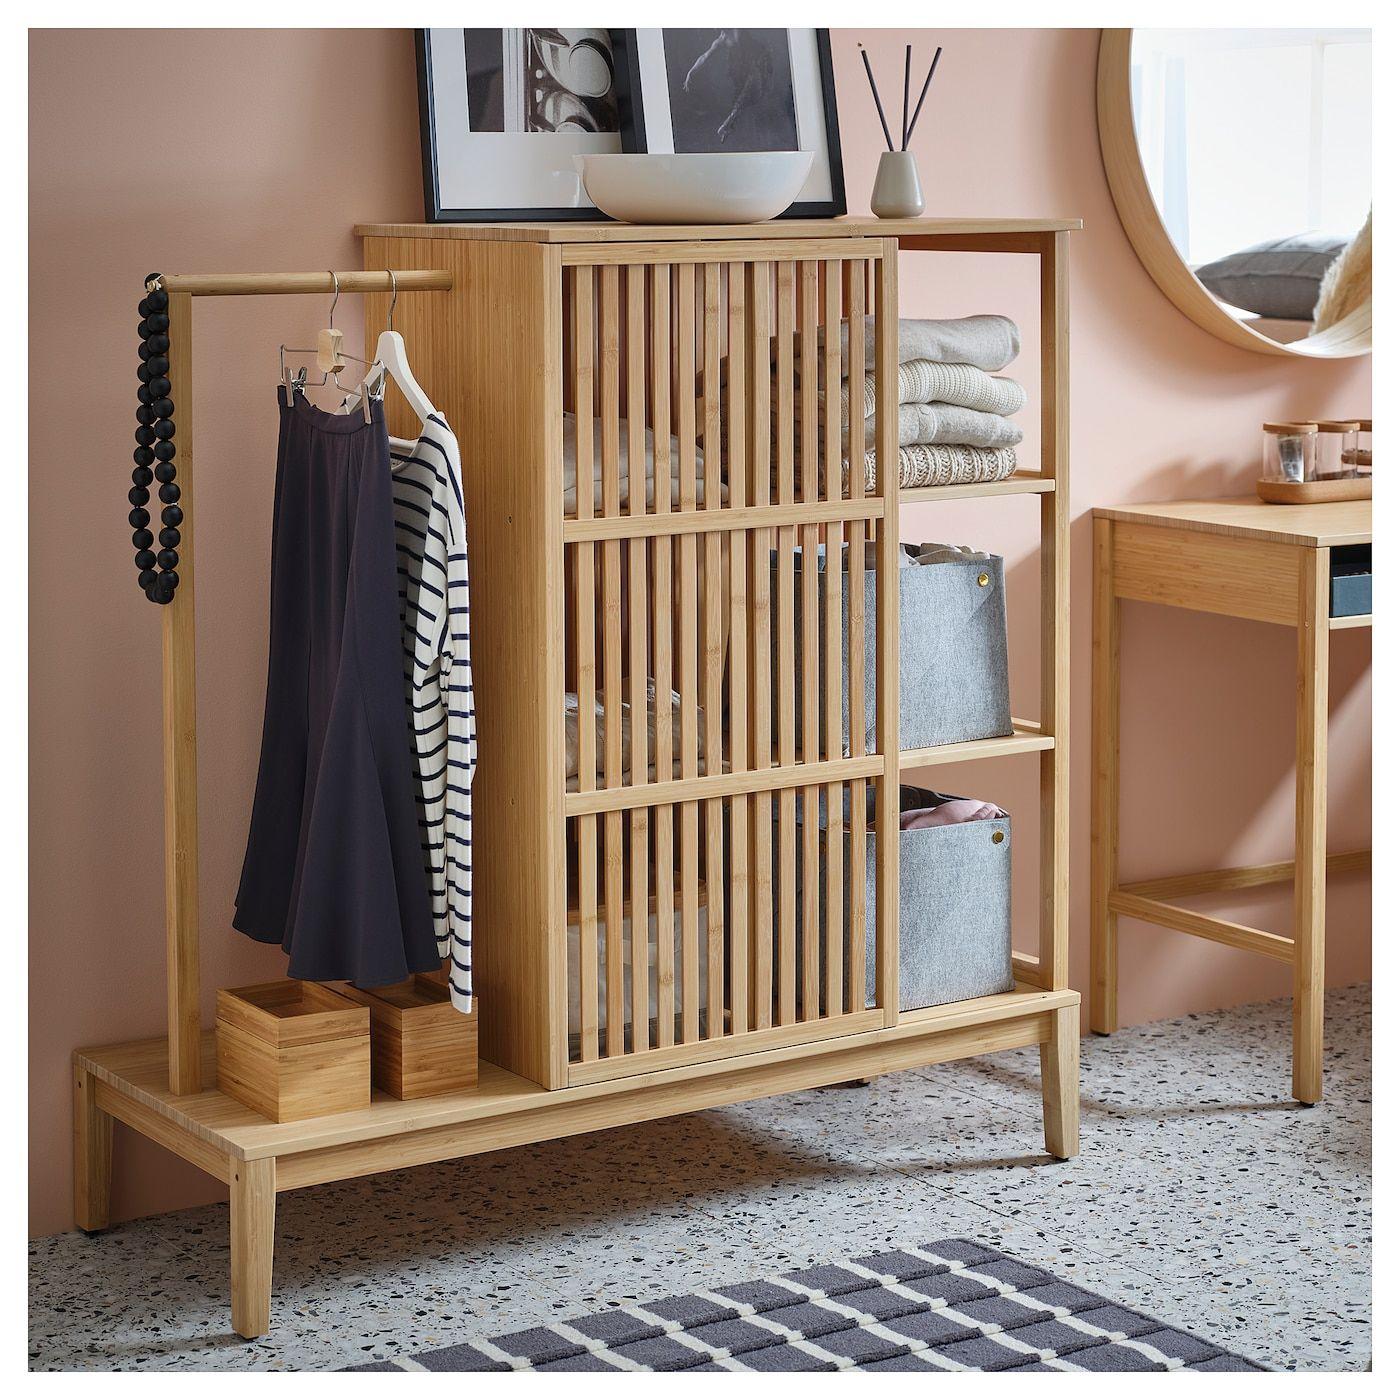 Nordkisa Kleiderschrank Offen Schiebetur Bambus Hier Entdecken Ikea Osterreich In 2020 Sliding Wardrobe Doors Open Wardrobe Sliding Doors